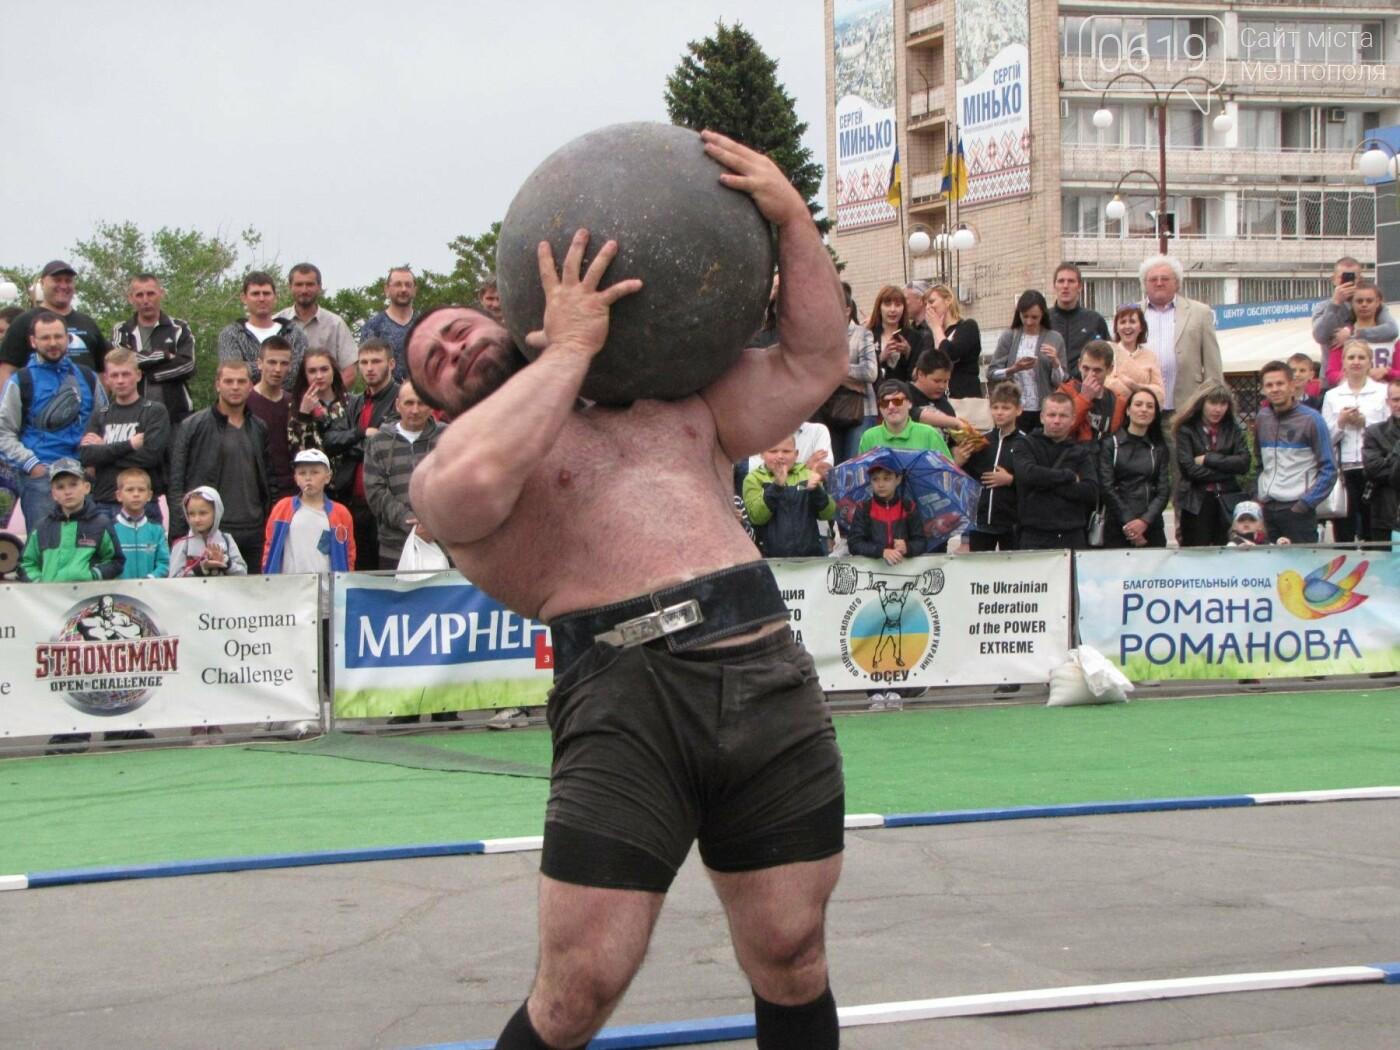 Три победы за неделю: мелитопольский богатырь выиграл второй этап международного чемпионата, фото-26